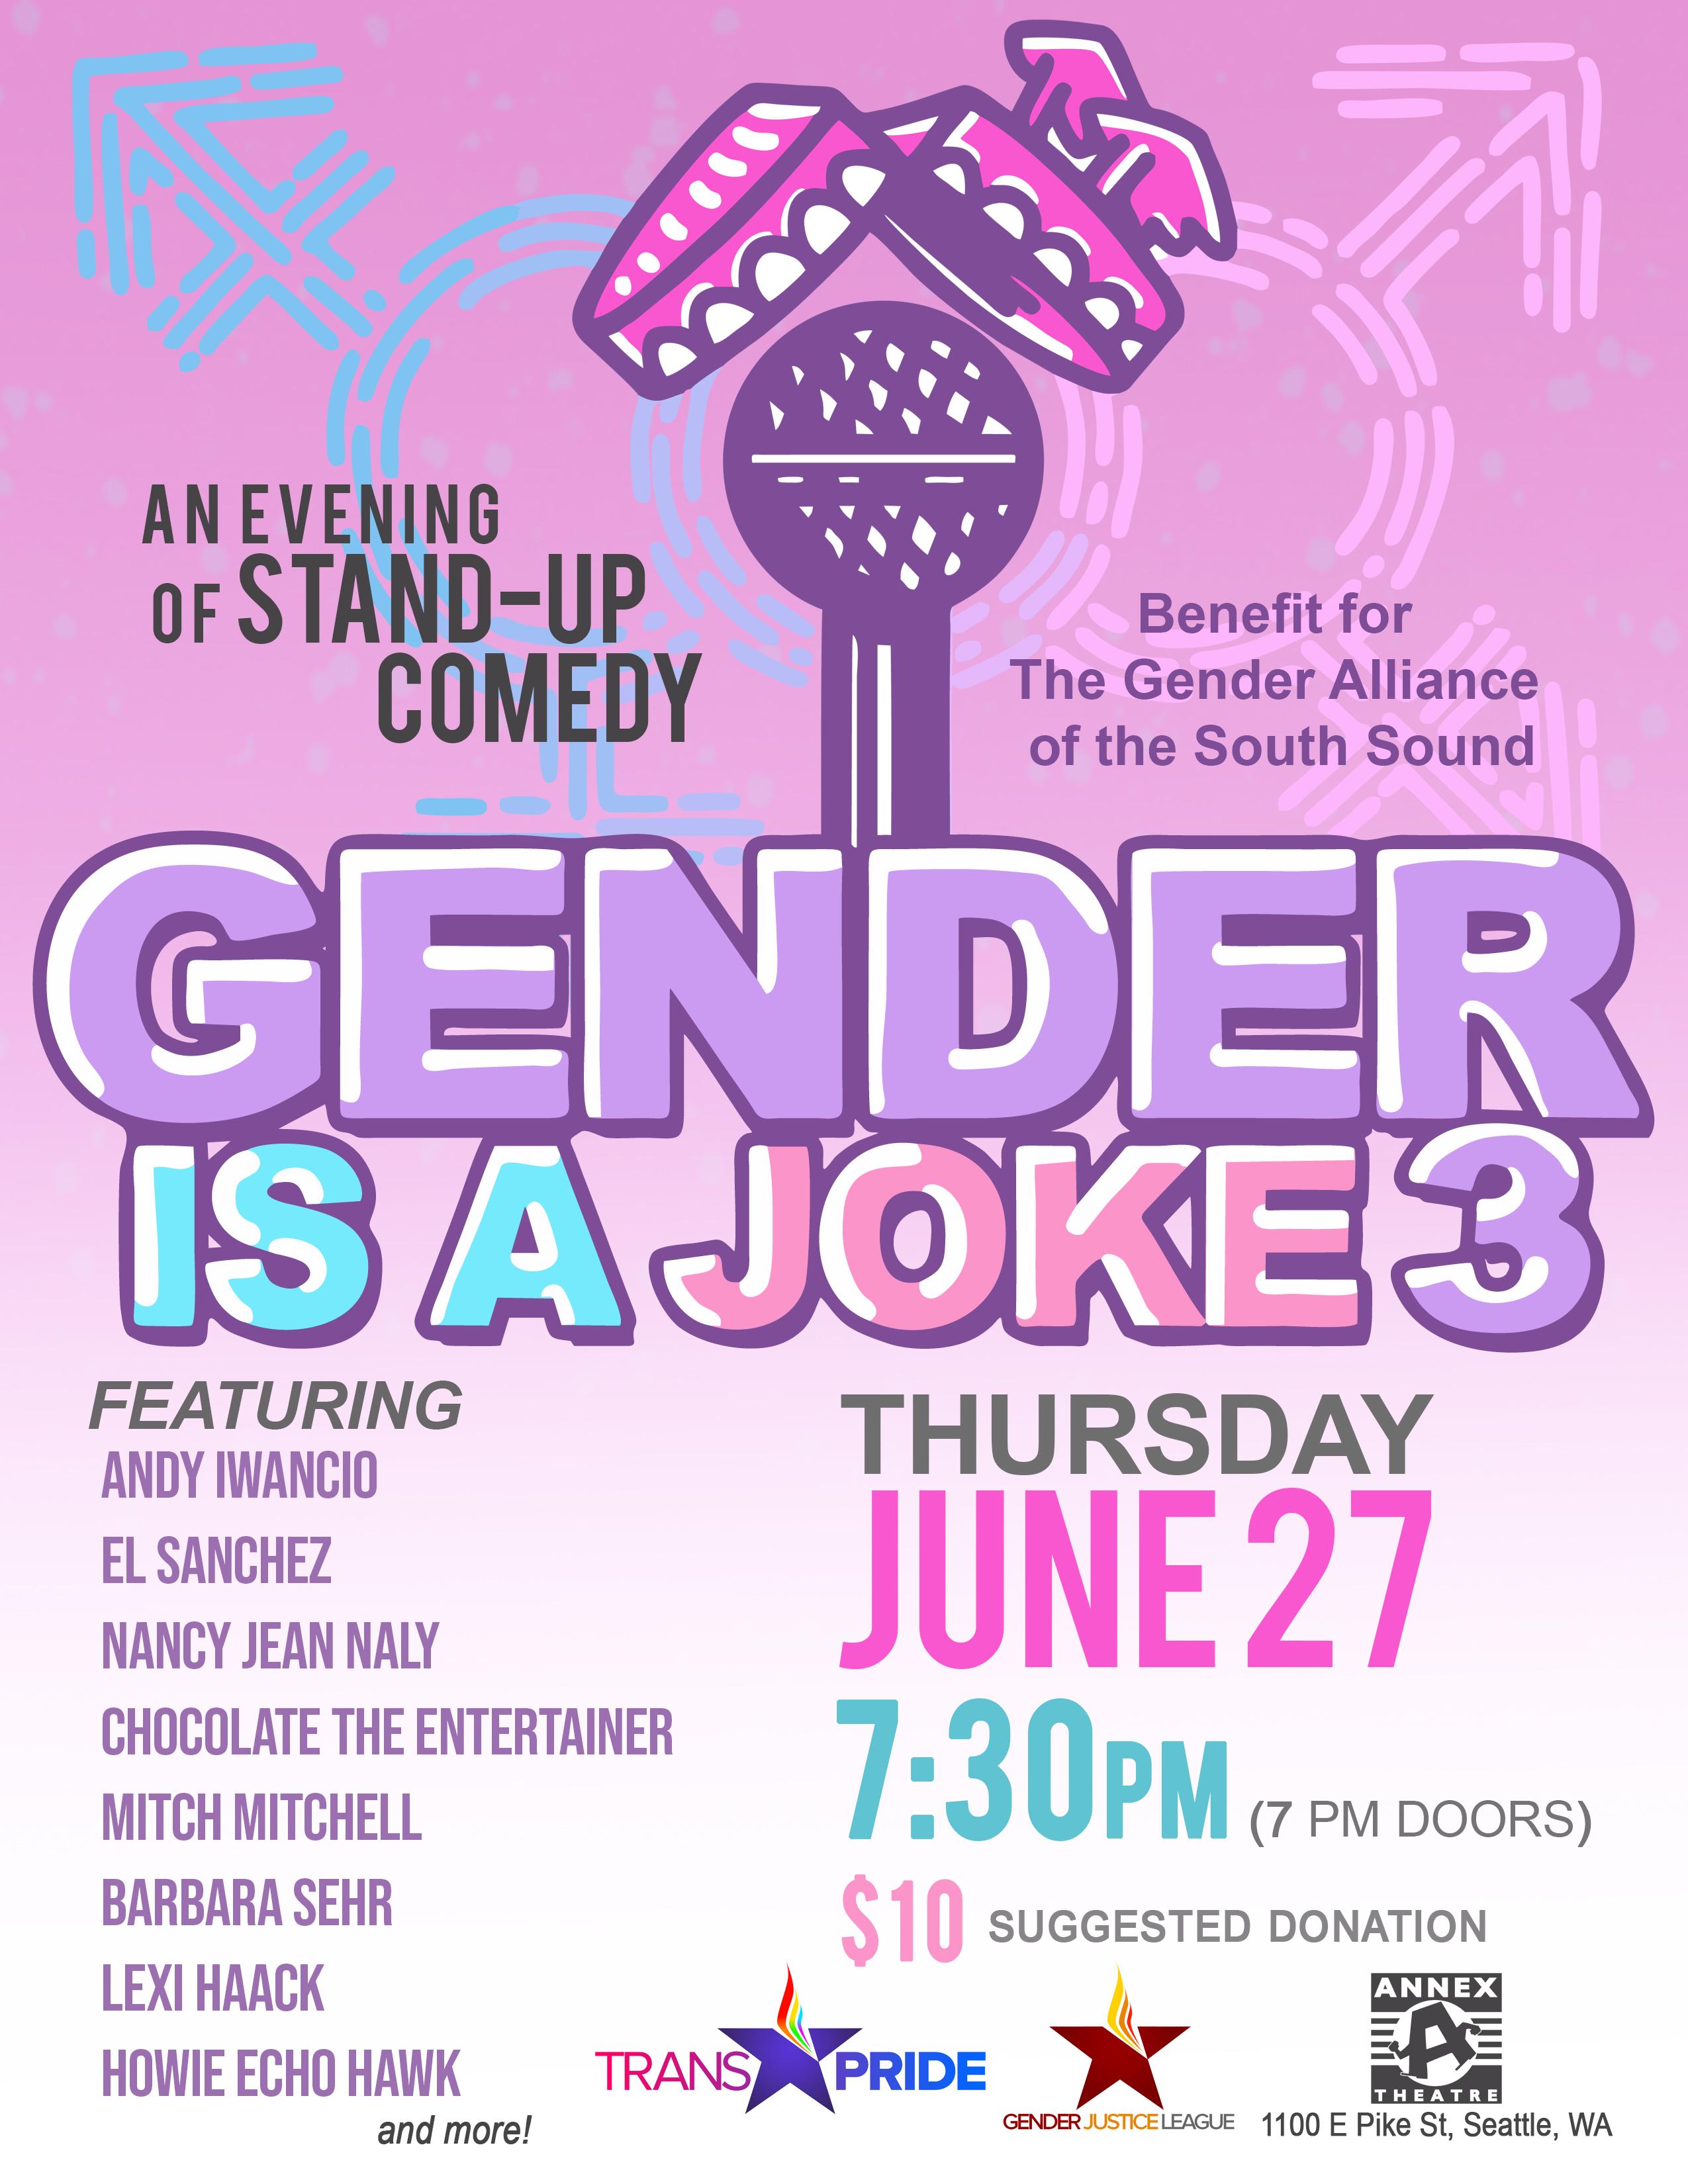 Gender Is A Joke 3!